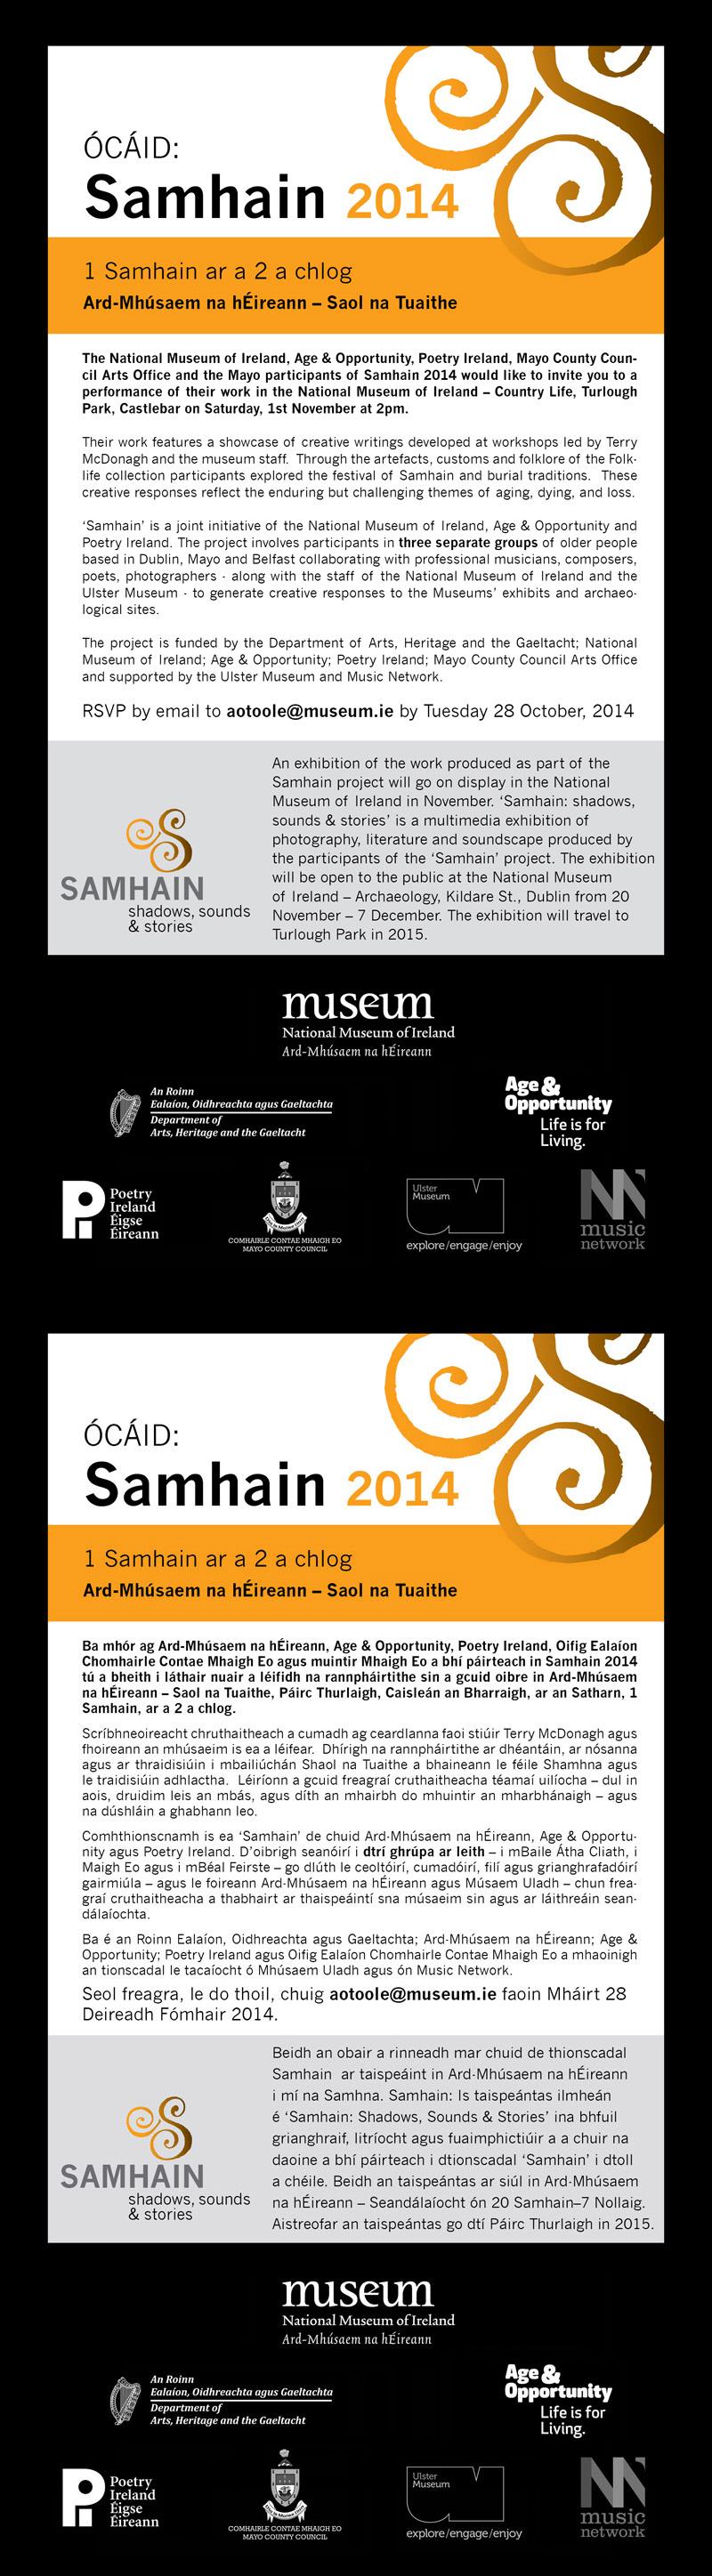 Museum_Samhain_Evite_2014.jpg